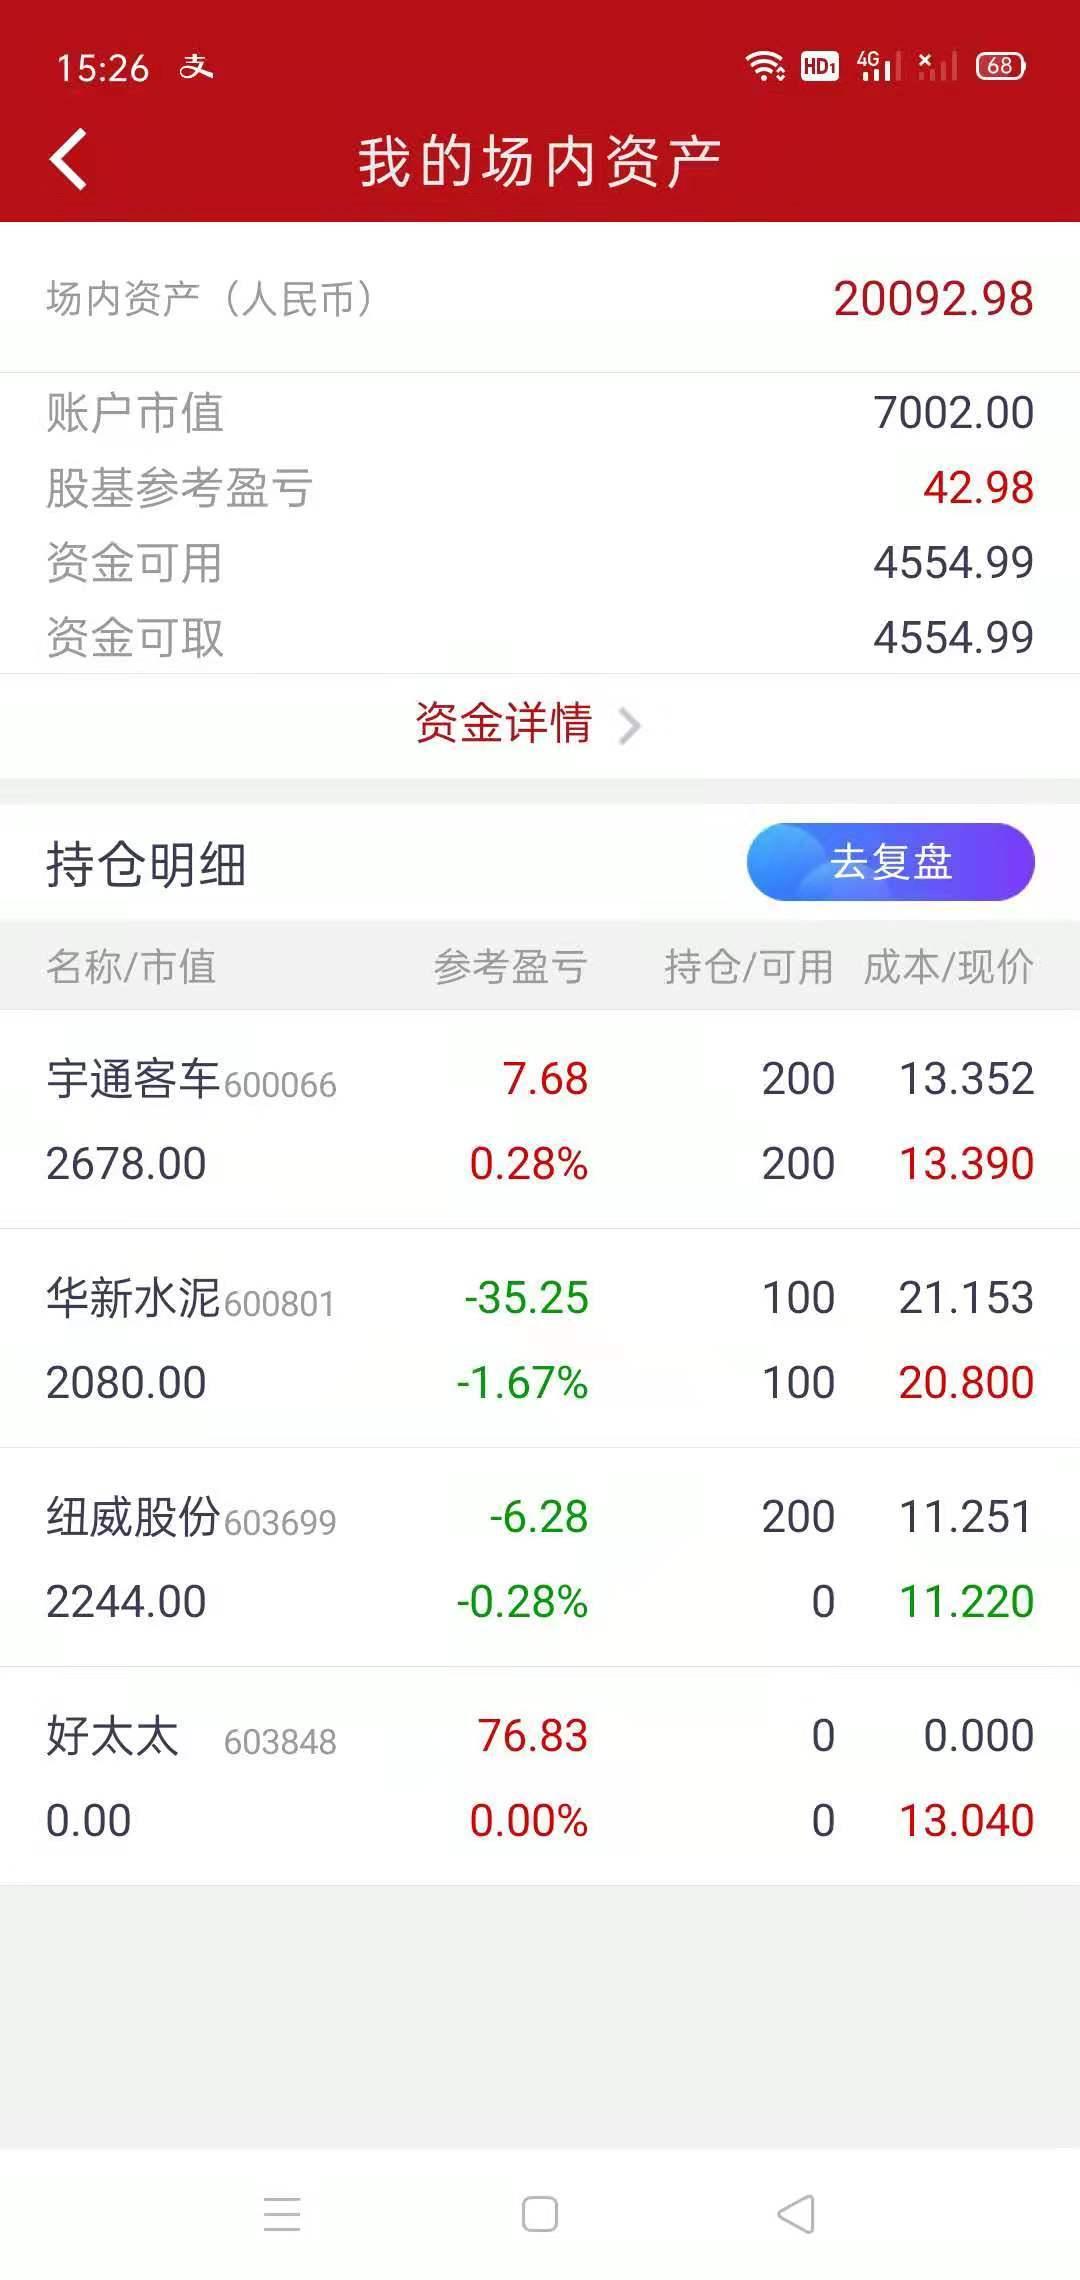 [炒股]股票小赚三十块,基金大跌至少一个点起步图片 No.4